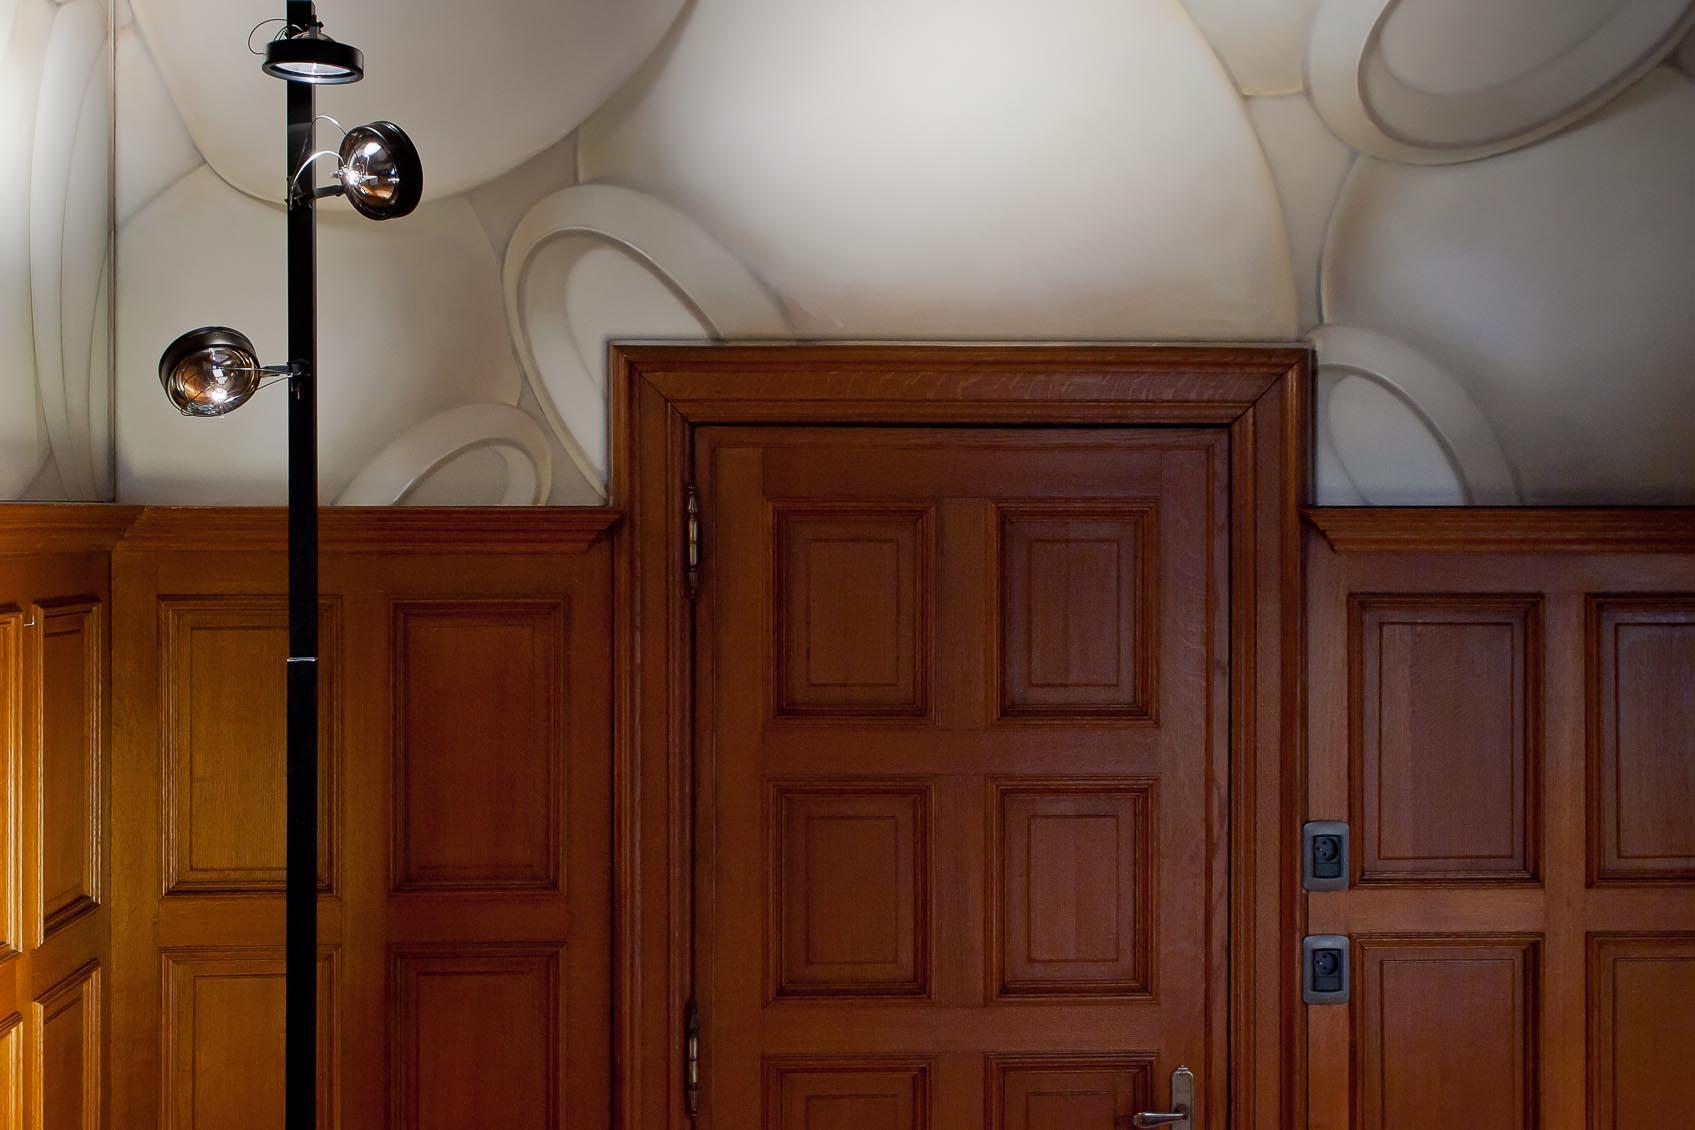 Technisch design wandlamp, Viabizzuno mosaico, indirecte basis TL verlichting met richtbare AR111 spot accenten